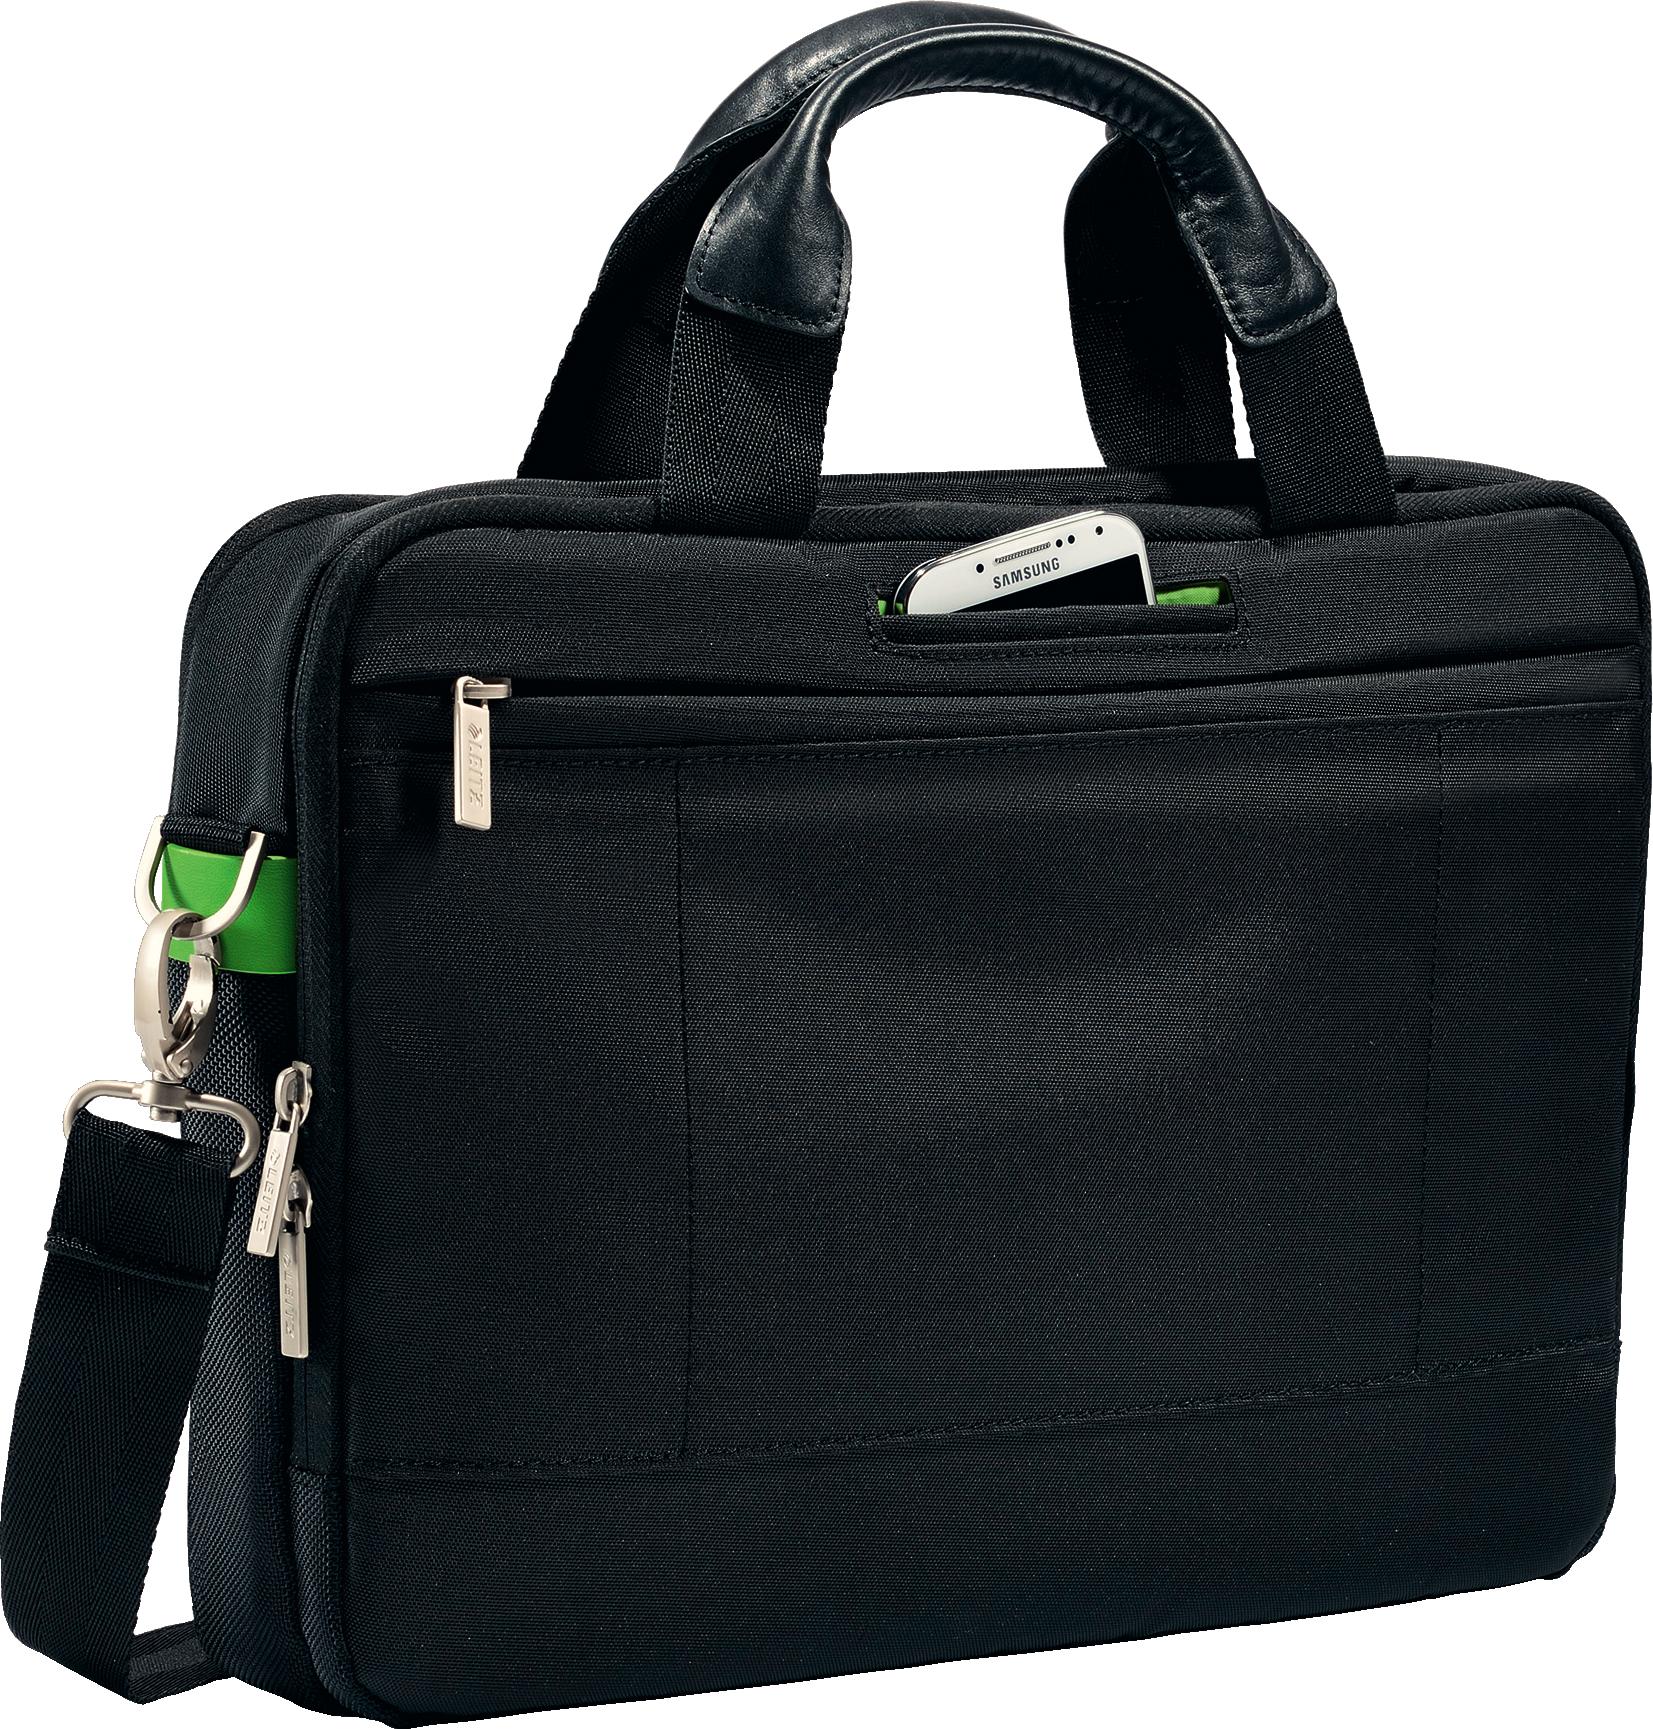 LEITZ Complete Laptop-Tasche Smart Traveller 13,3 in schwarz mit Tragegriffen aus Echtleder